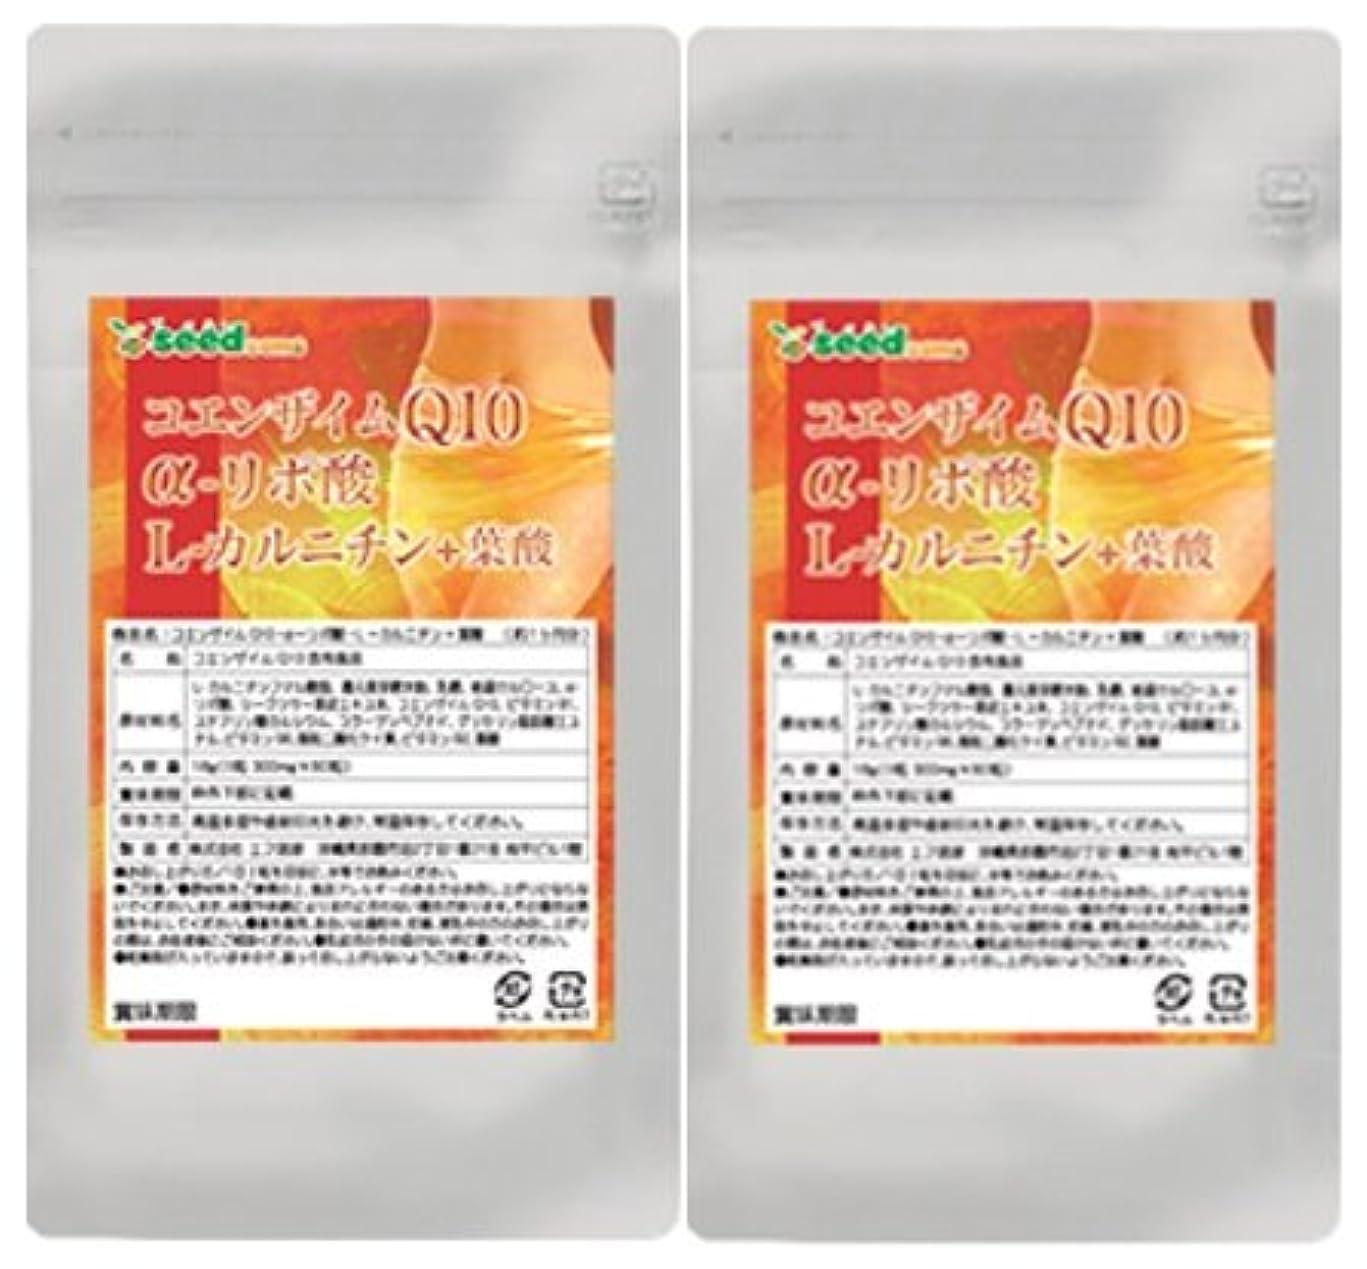 性能弾薬凶暴なコエンザイムQ10 α-リポ酸 L-カルニチン + 葉酸 (約6ヶ月分/360粒)